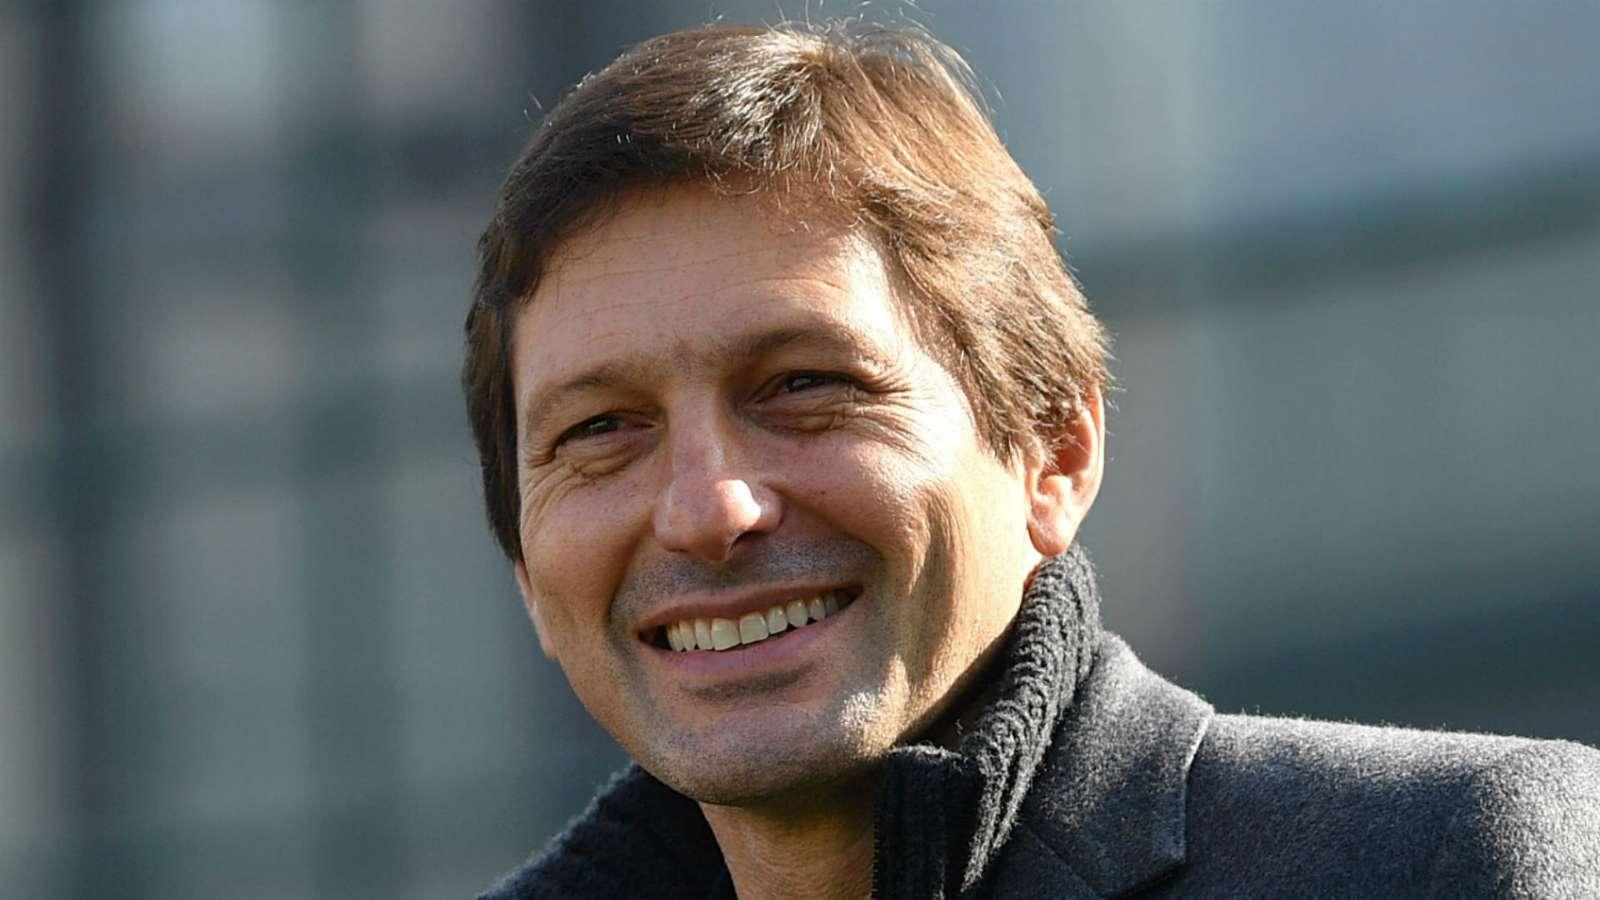 萨尼奥尔质疑莱昂纳多:在米兰花了2亿欧却还是没进欧冠